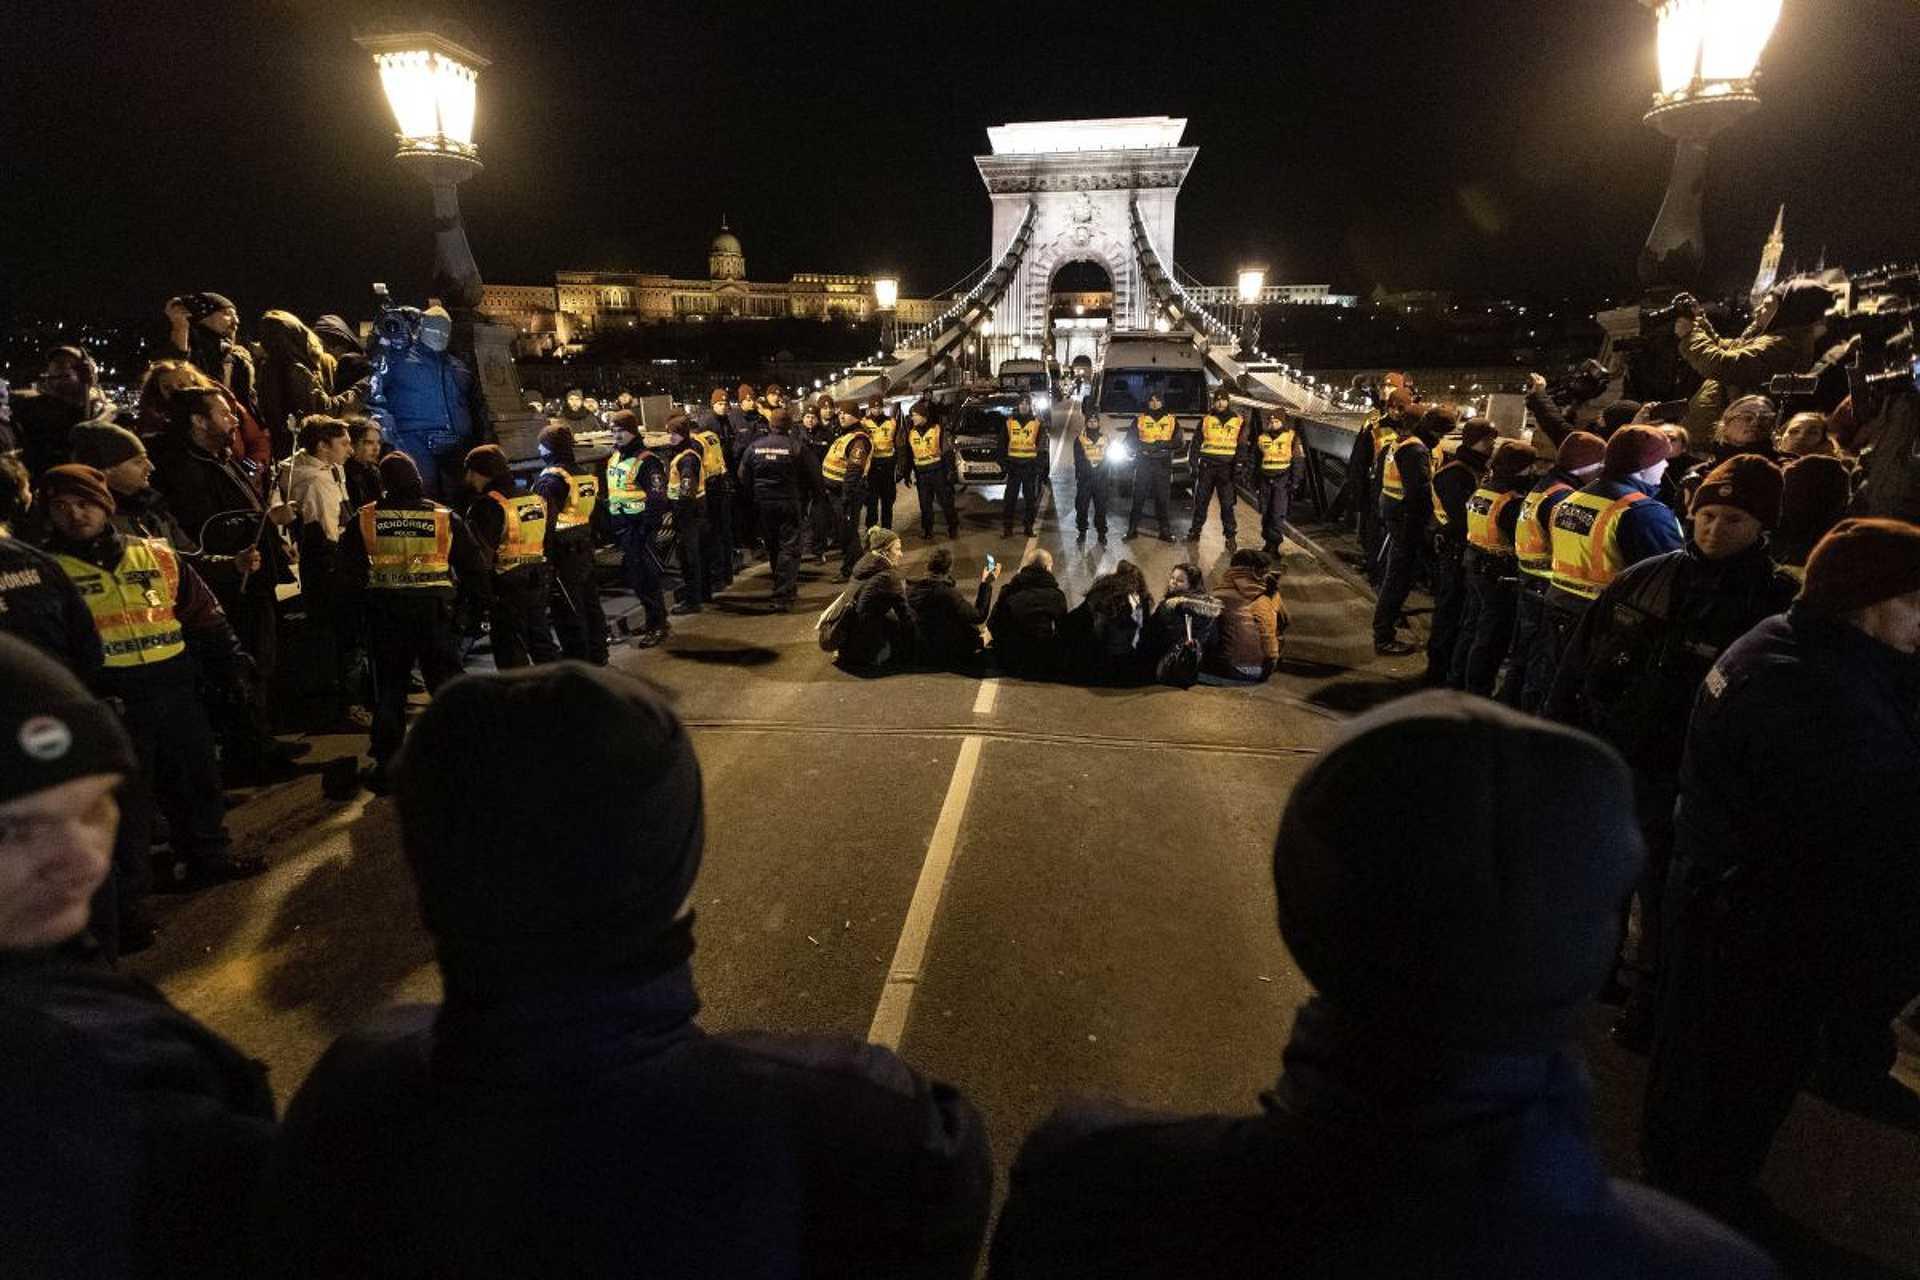 Budapesti tüntetés: Kisebb balhé a Lánchídon